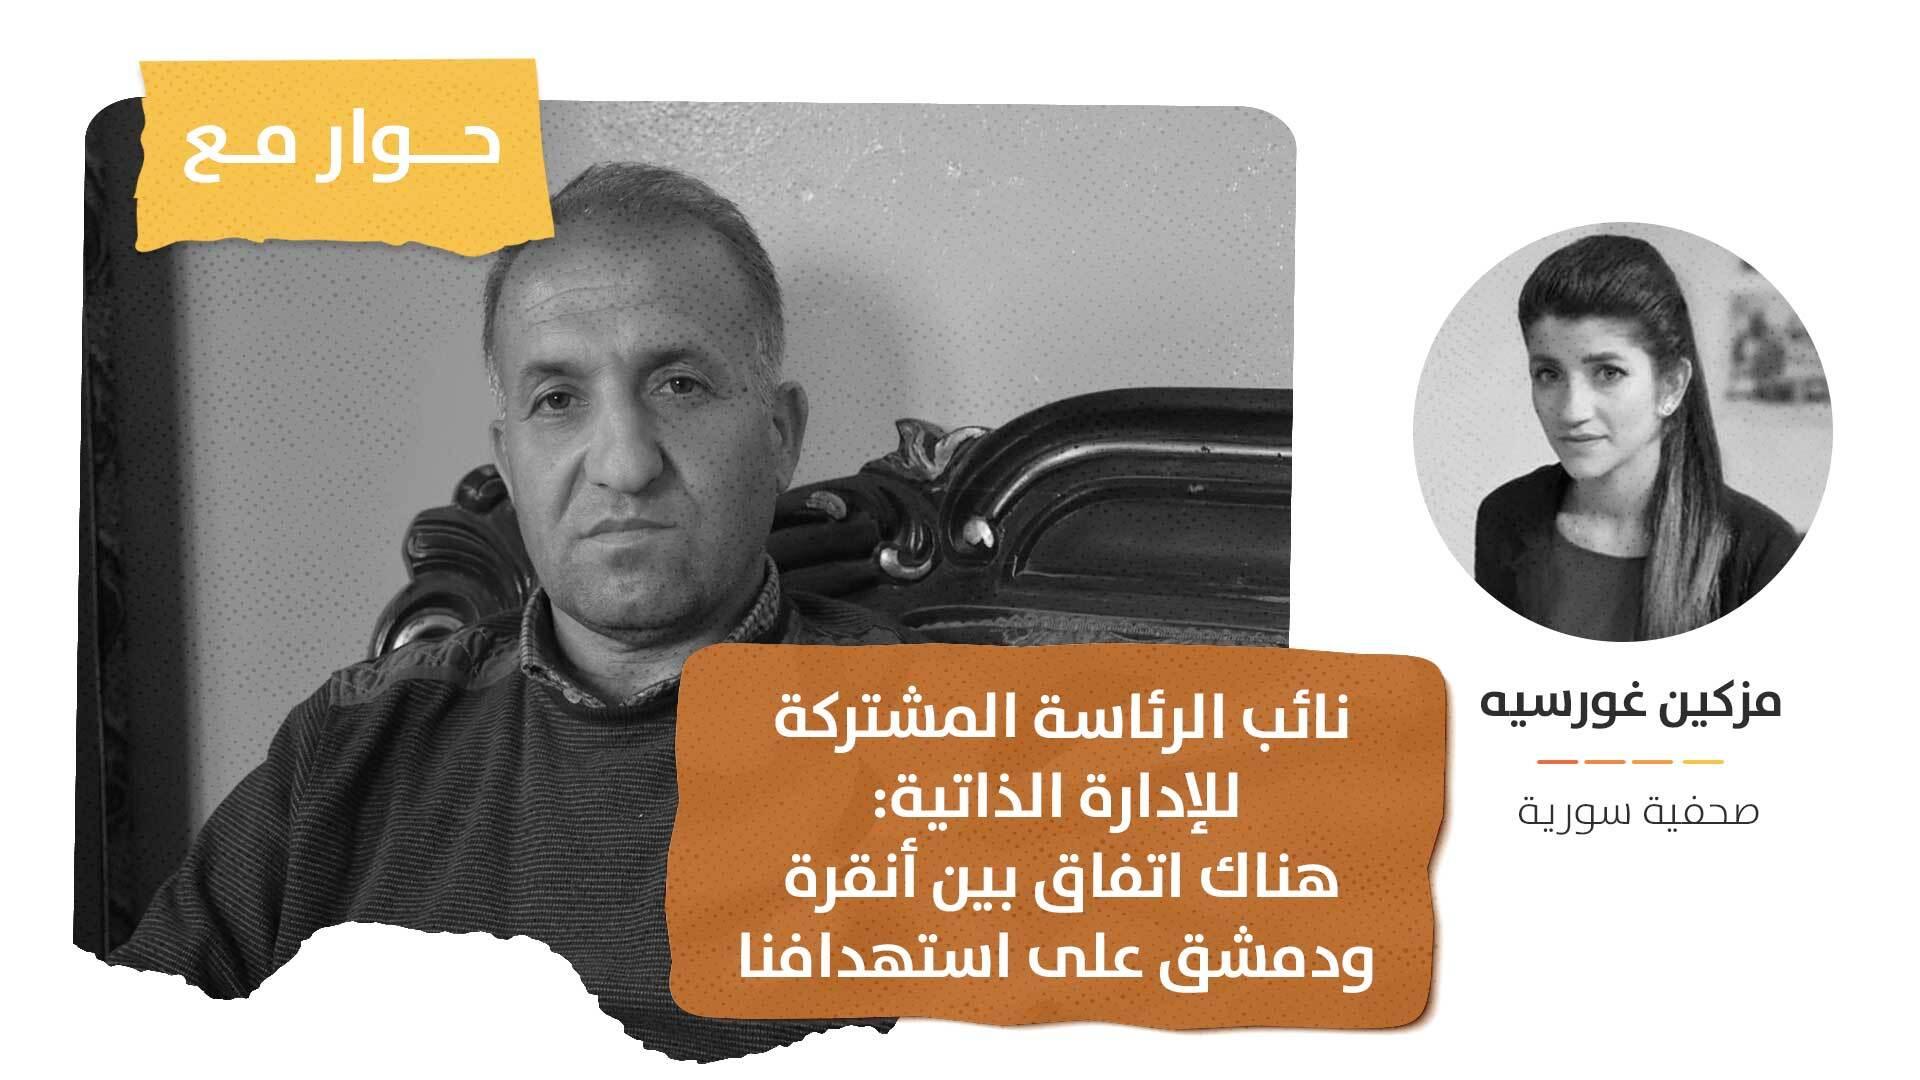 بدران جيا كرد لـ«الحل نت»: «لن نسكت على الممارسات الاستفزازية والحكومة السورية هي الخاسر الأكبر»